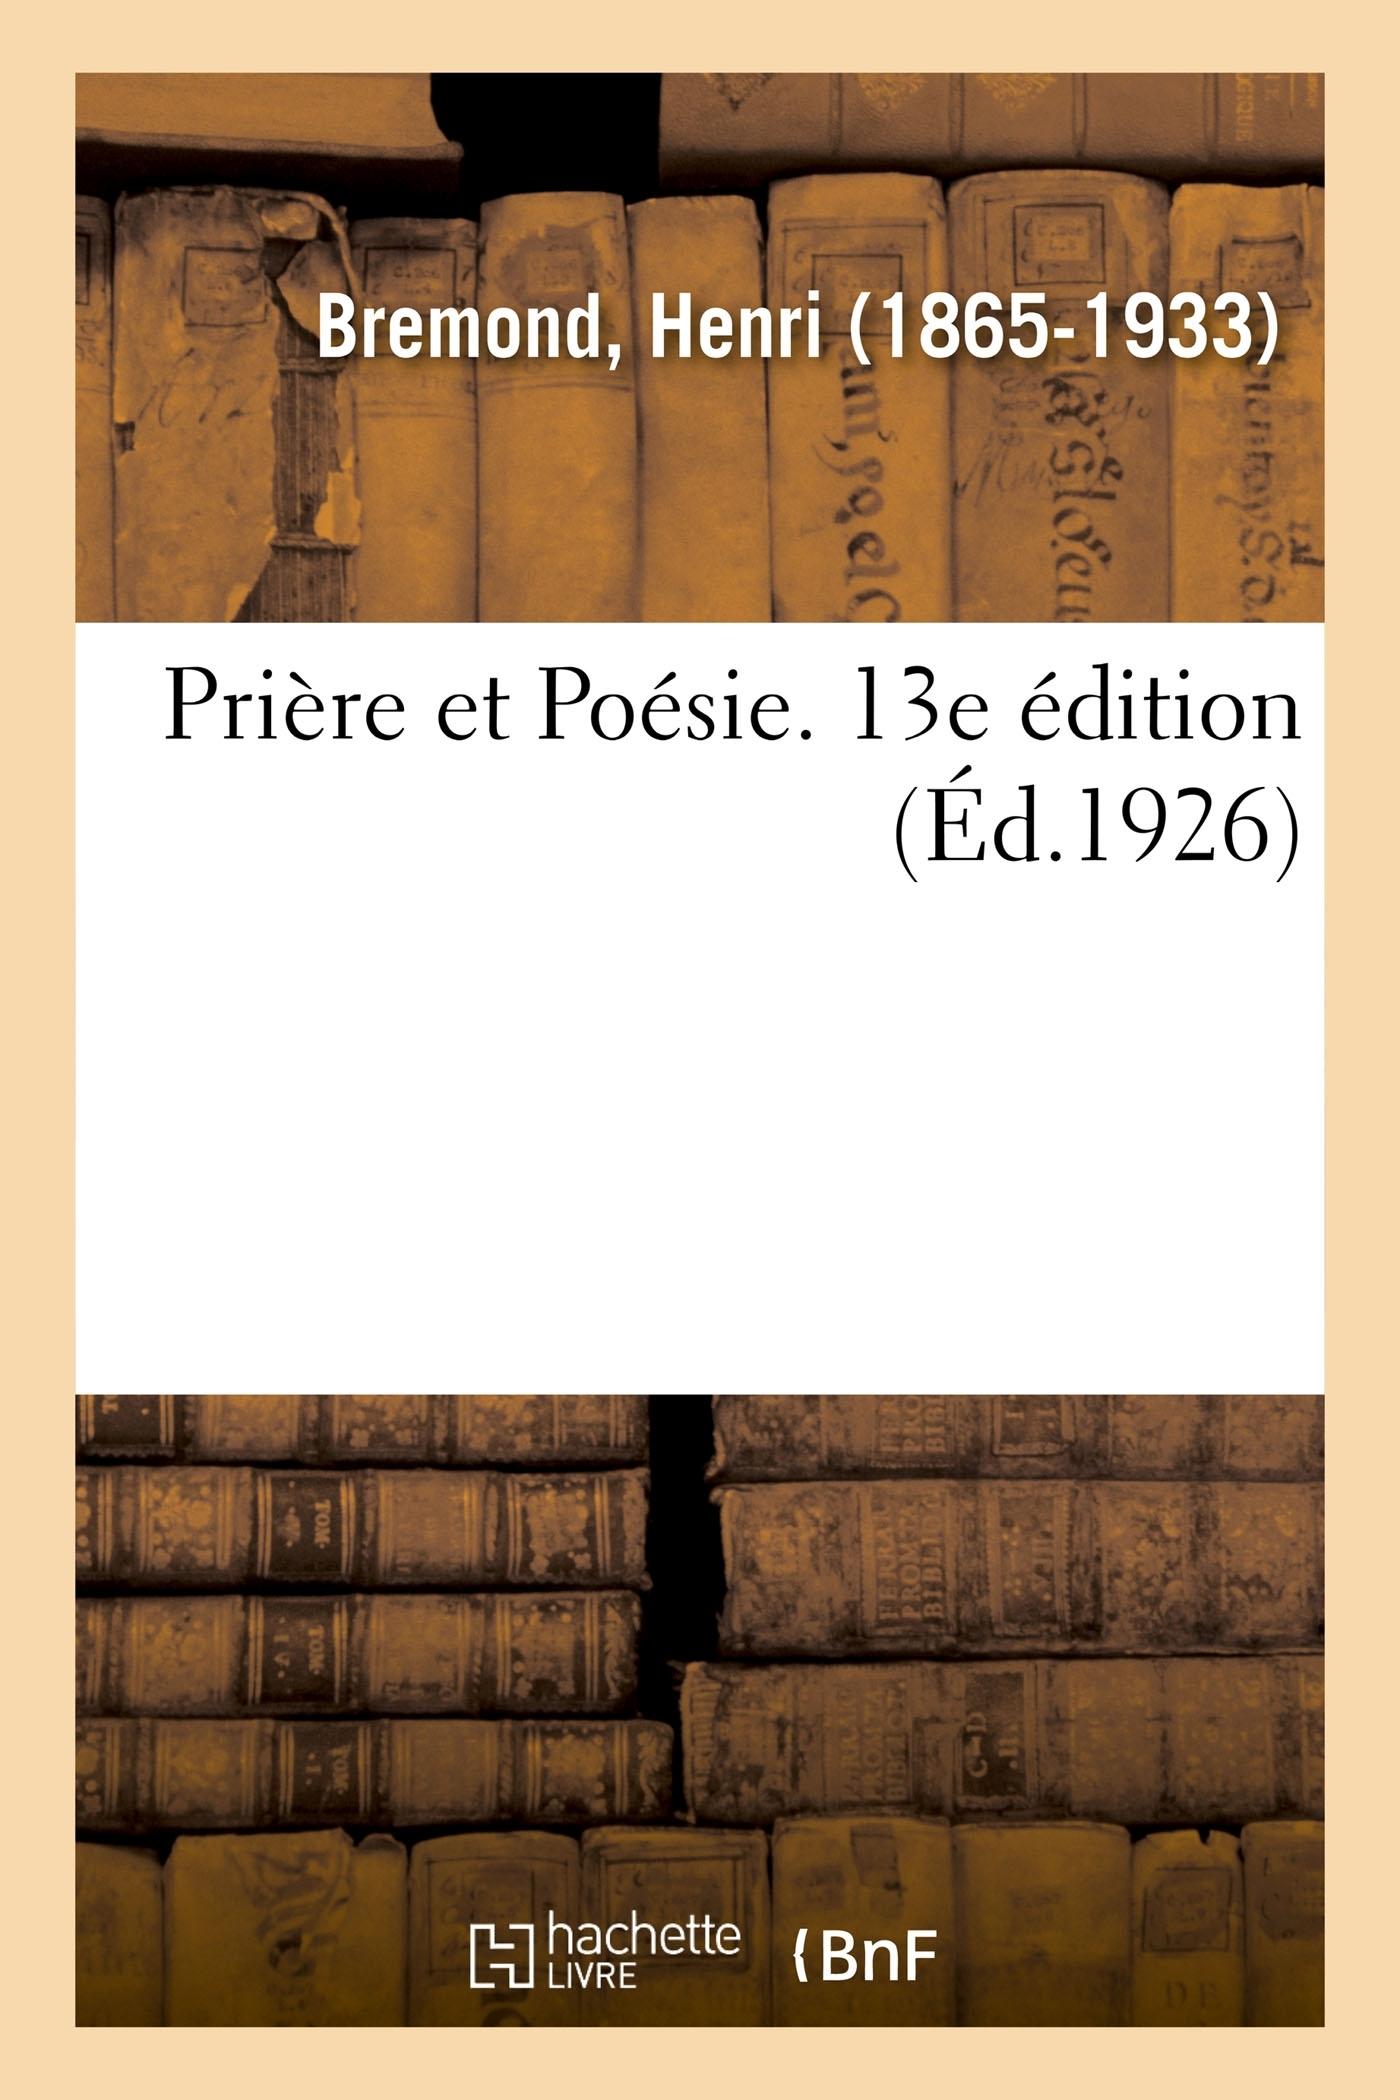 PRIERE ET POESIE. 13E EDITION